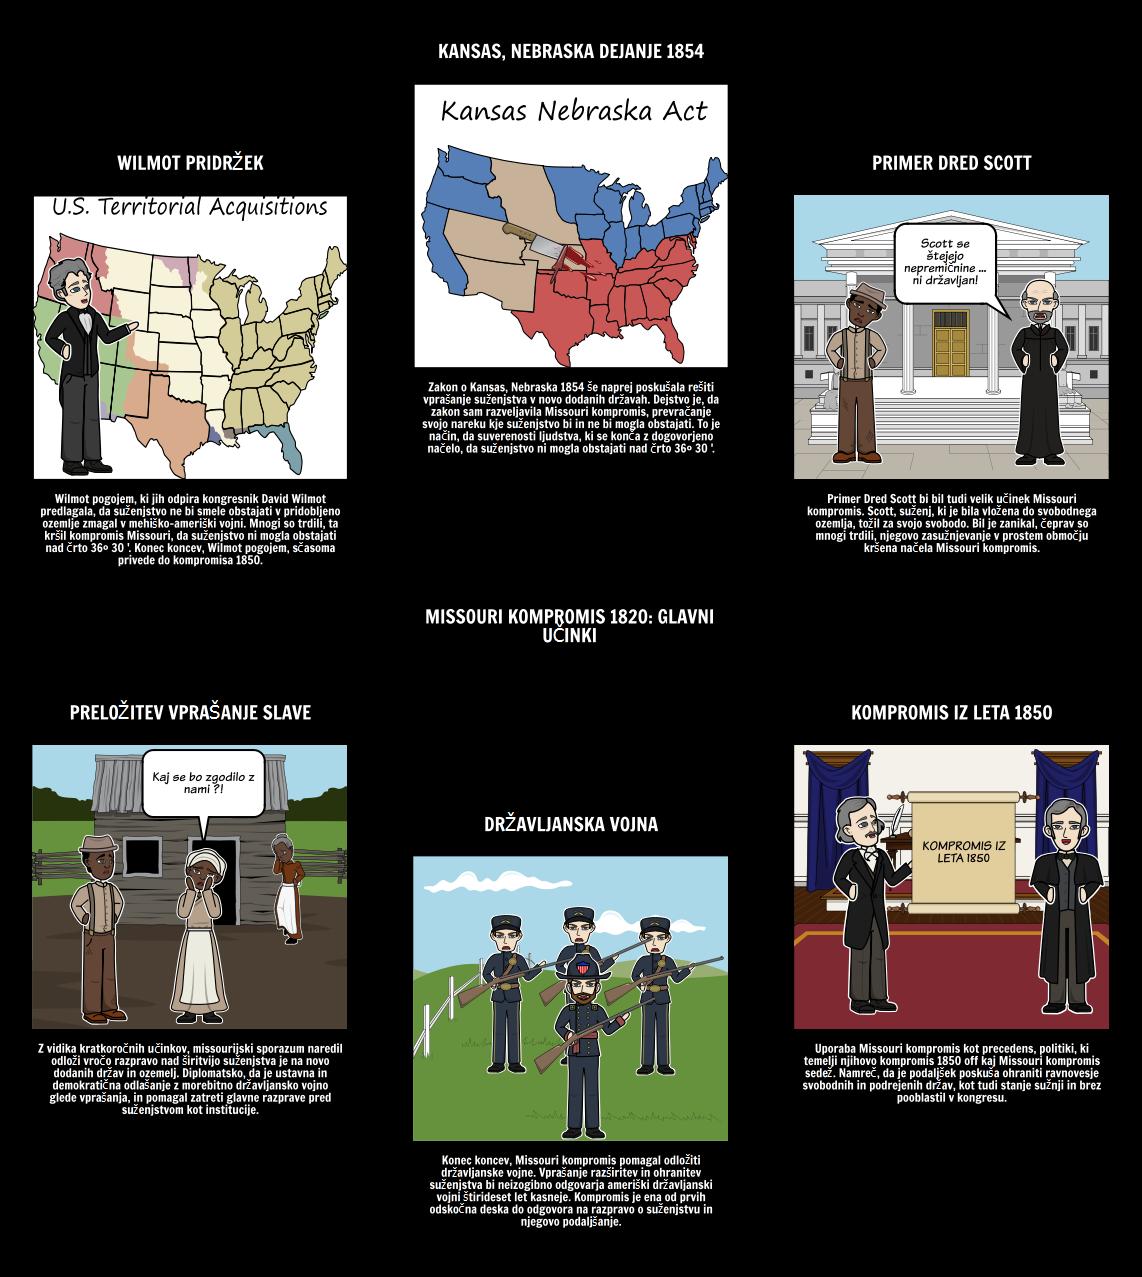 Missourijski sporazum iz leta 1820 - Glavni učinki